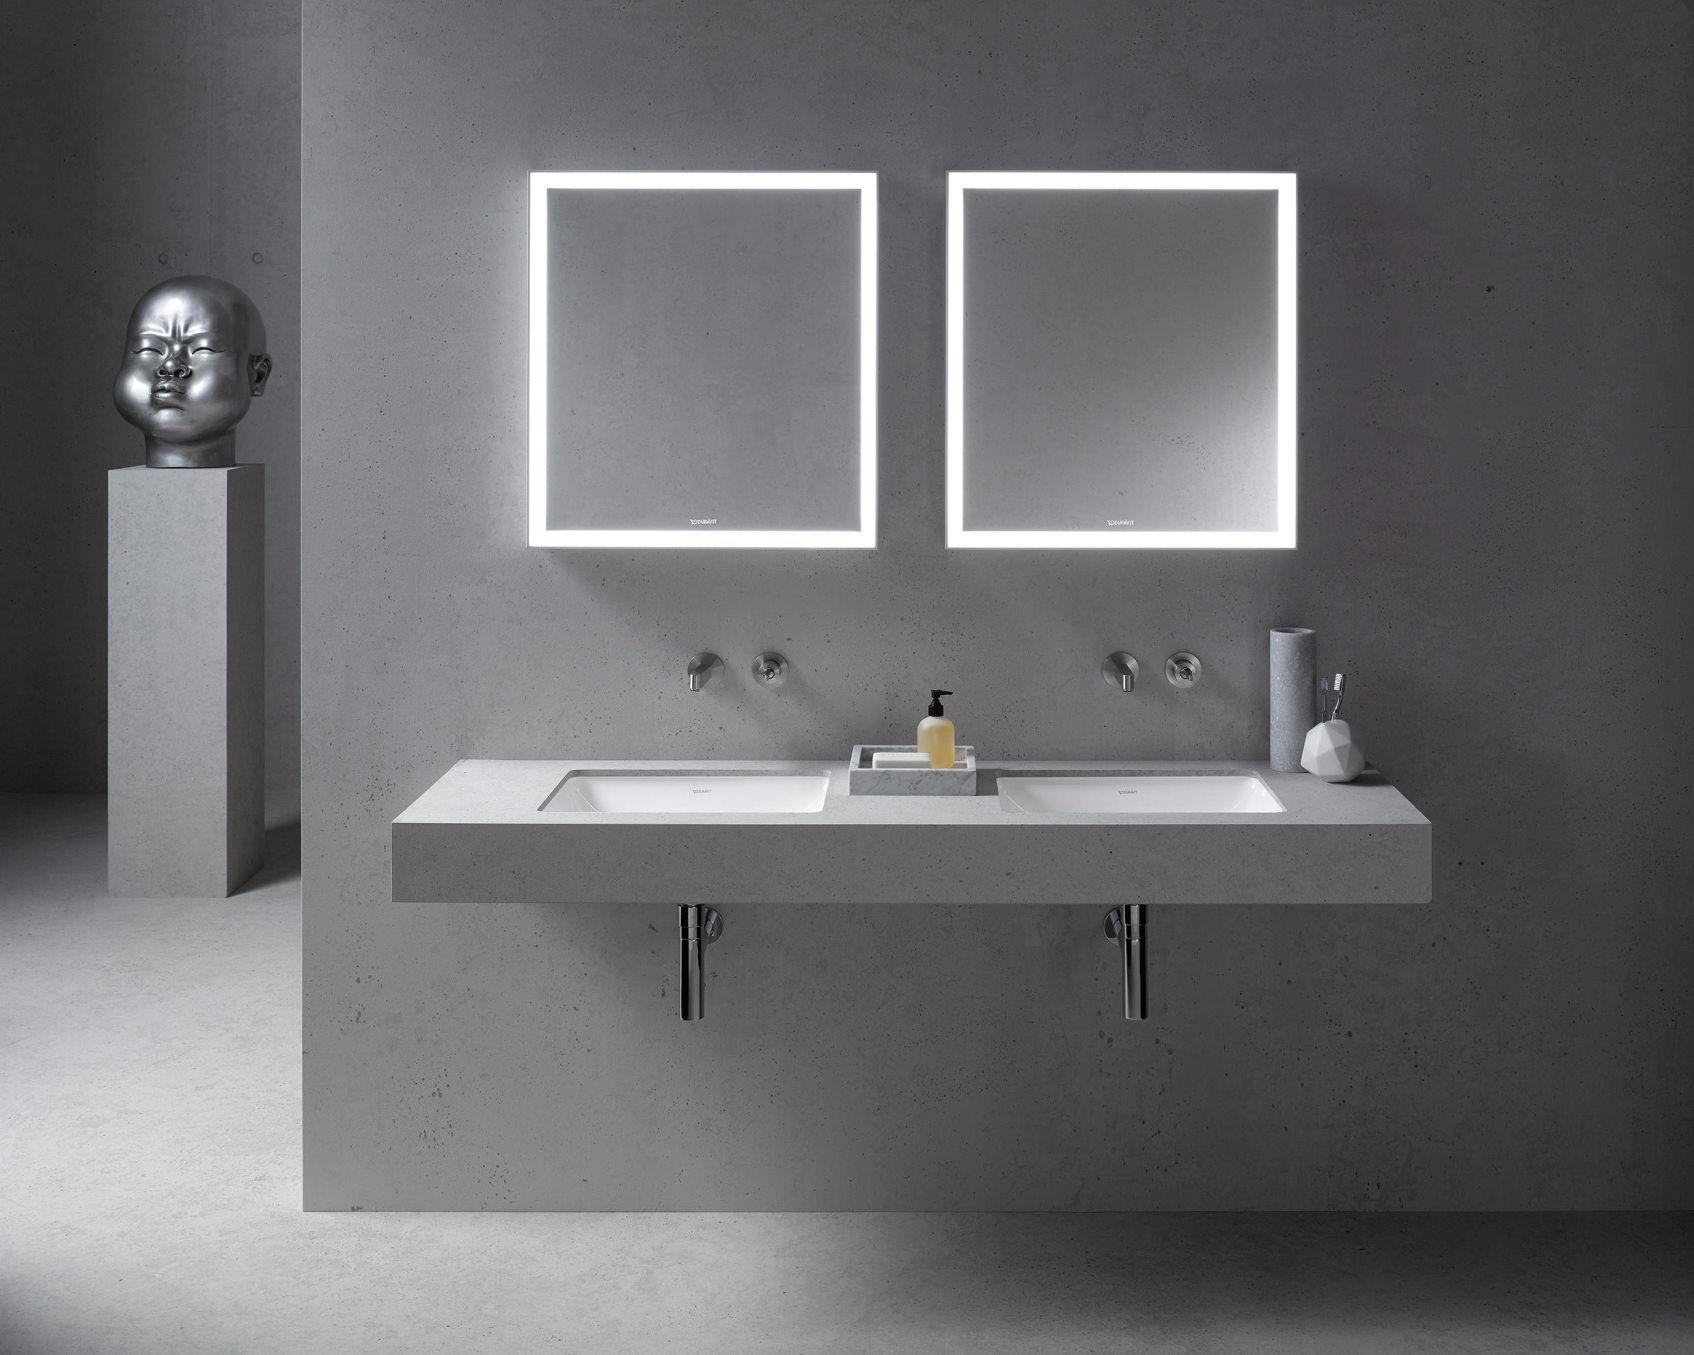 łazienka Bez Płytek Farba Zamiast Płytek Sprawdź Jak Może